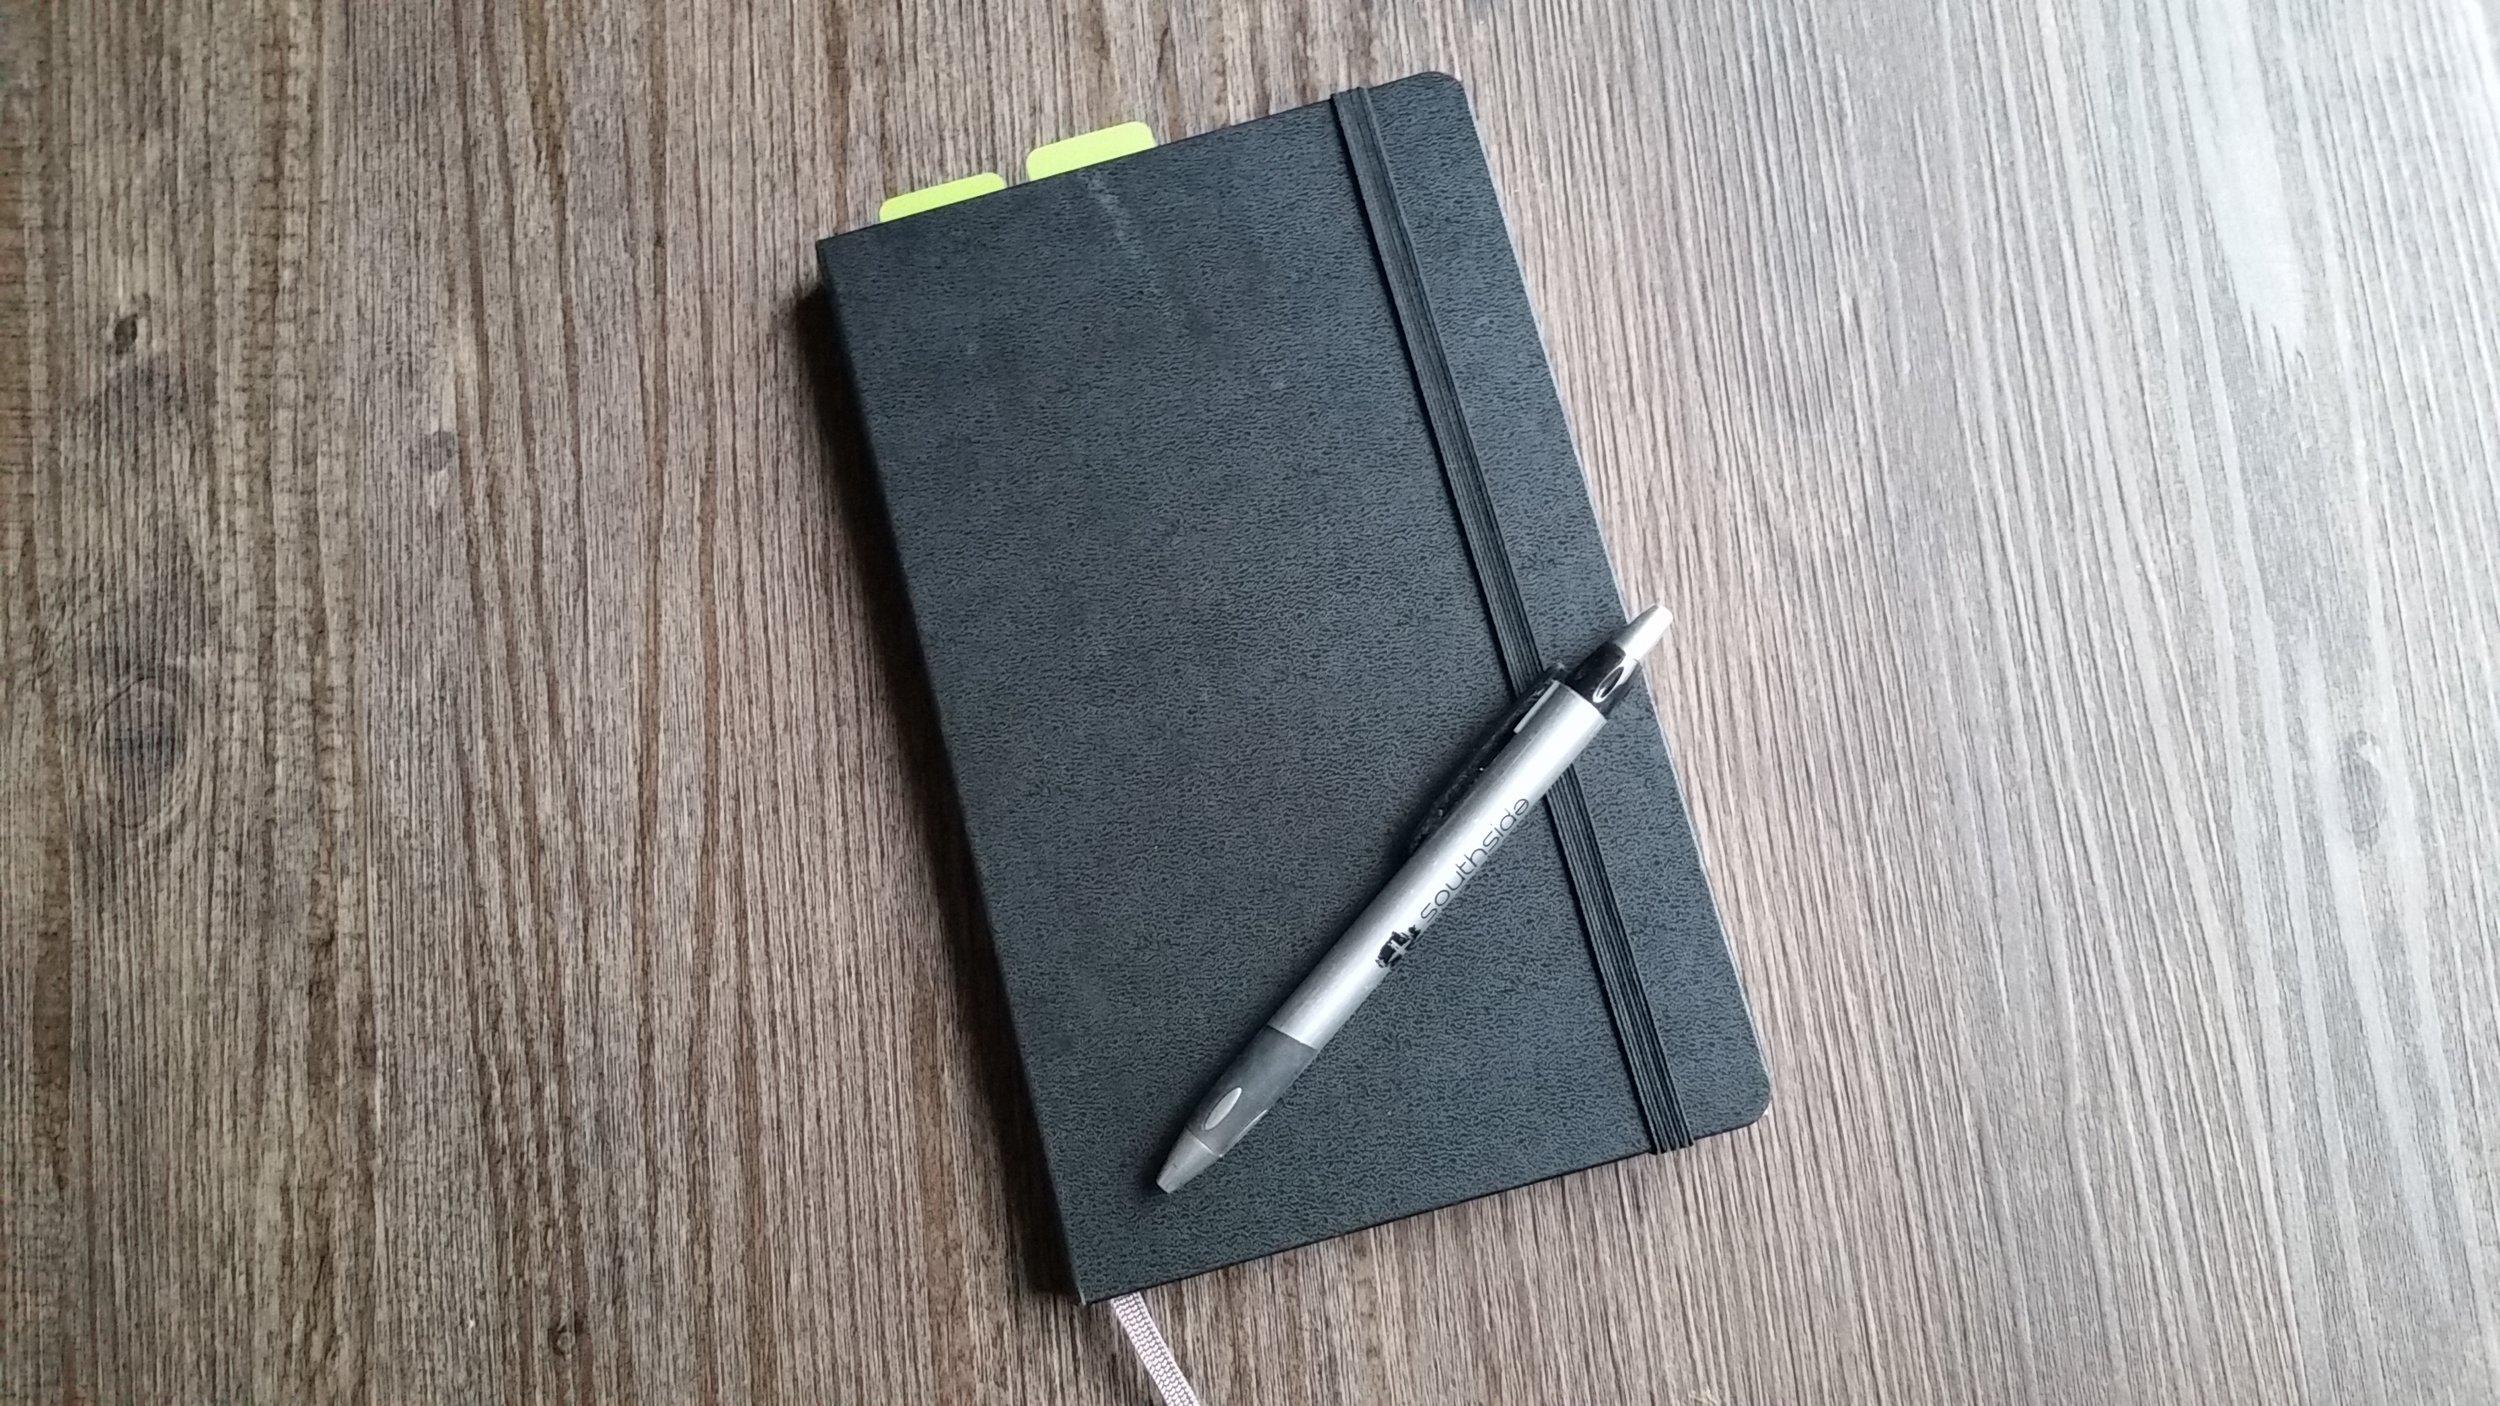 bullet-journal-closed.jpg